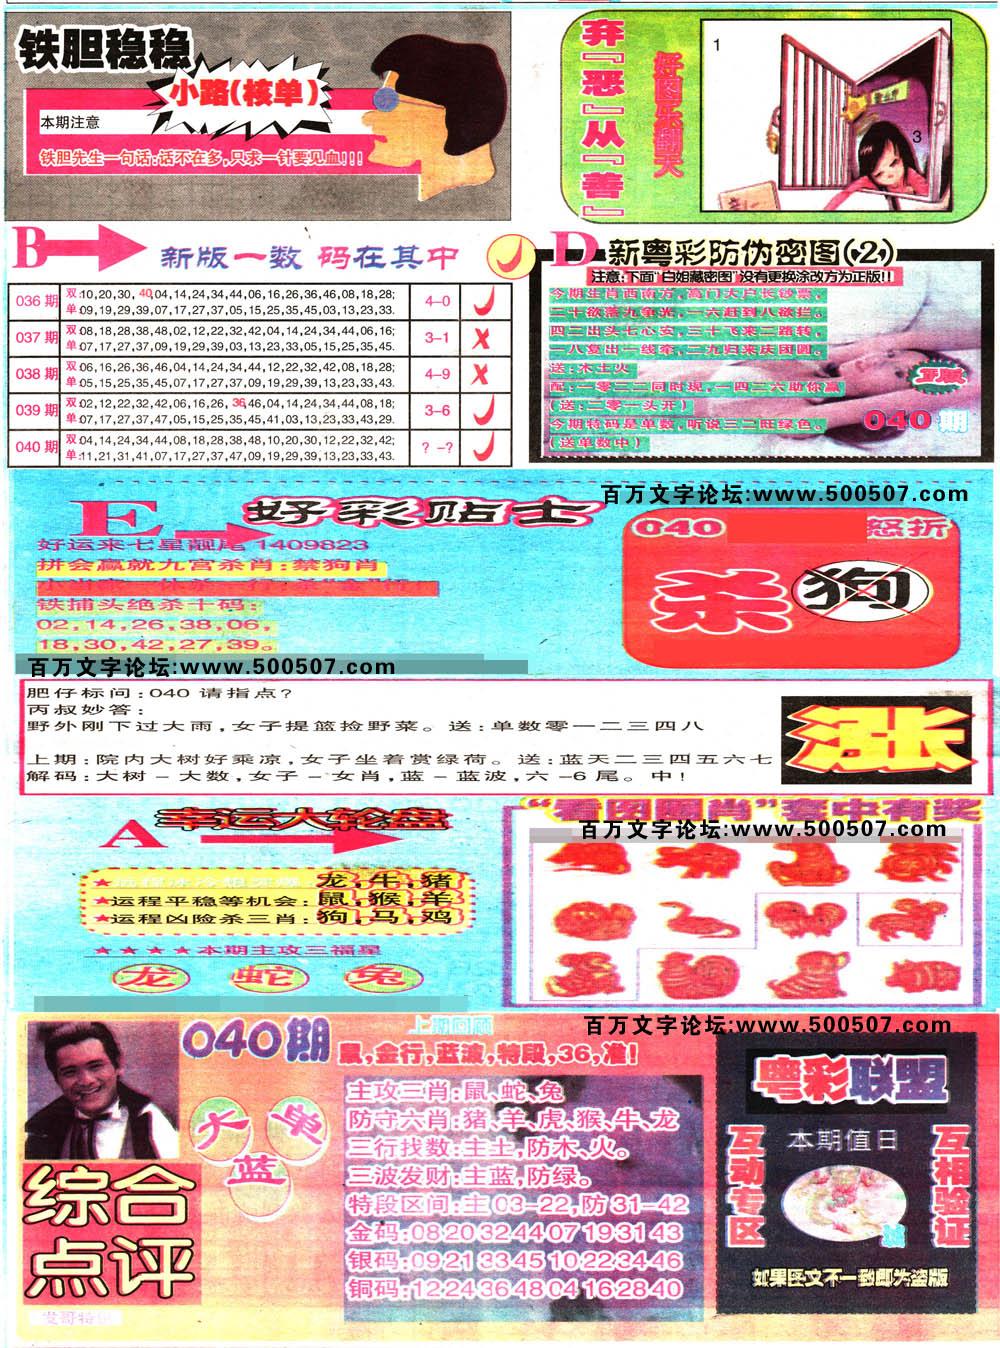 040期:相入非非/捉生肖/七星图/好图乐翻天/藏宝图/发财玄机图/跑狗图/蛇蛋图/彩民提供